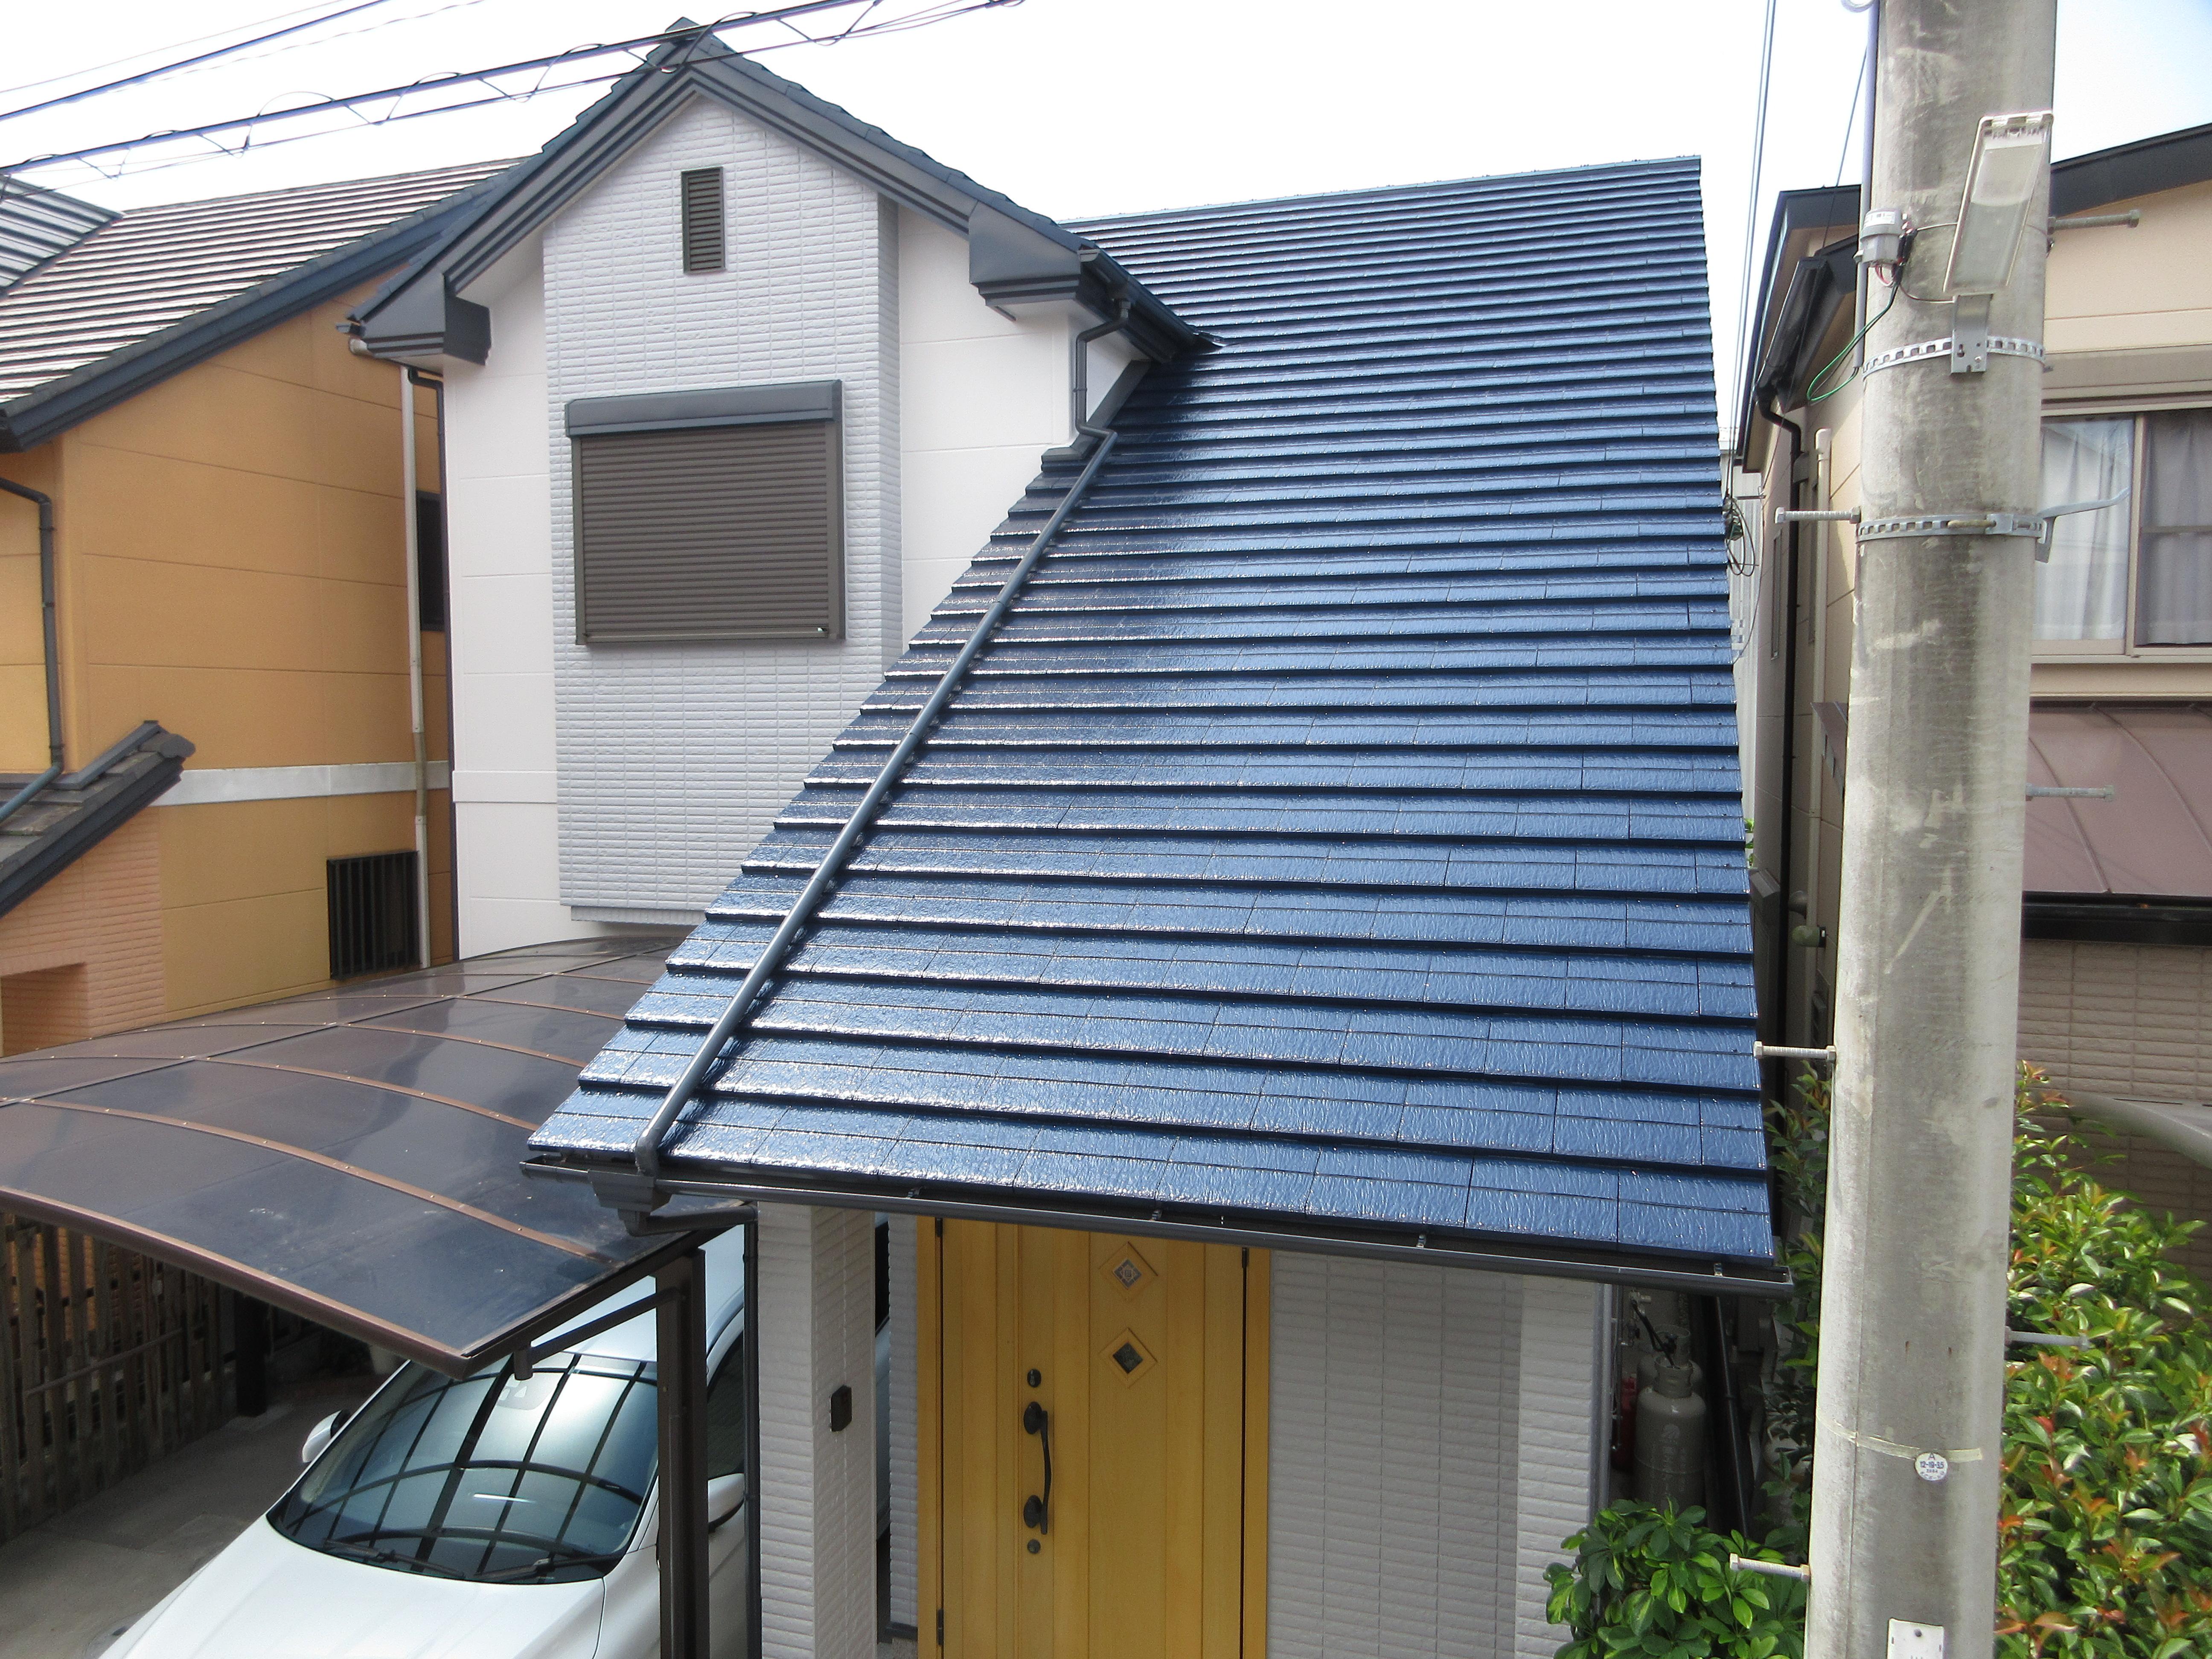 【和歌山市】K様邸<br>『玄関がより引き立つシックな仕上がりに♪』